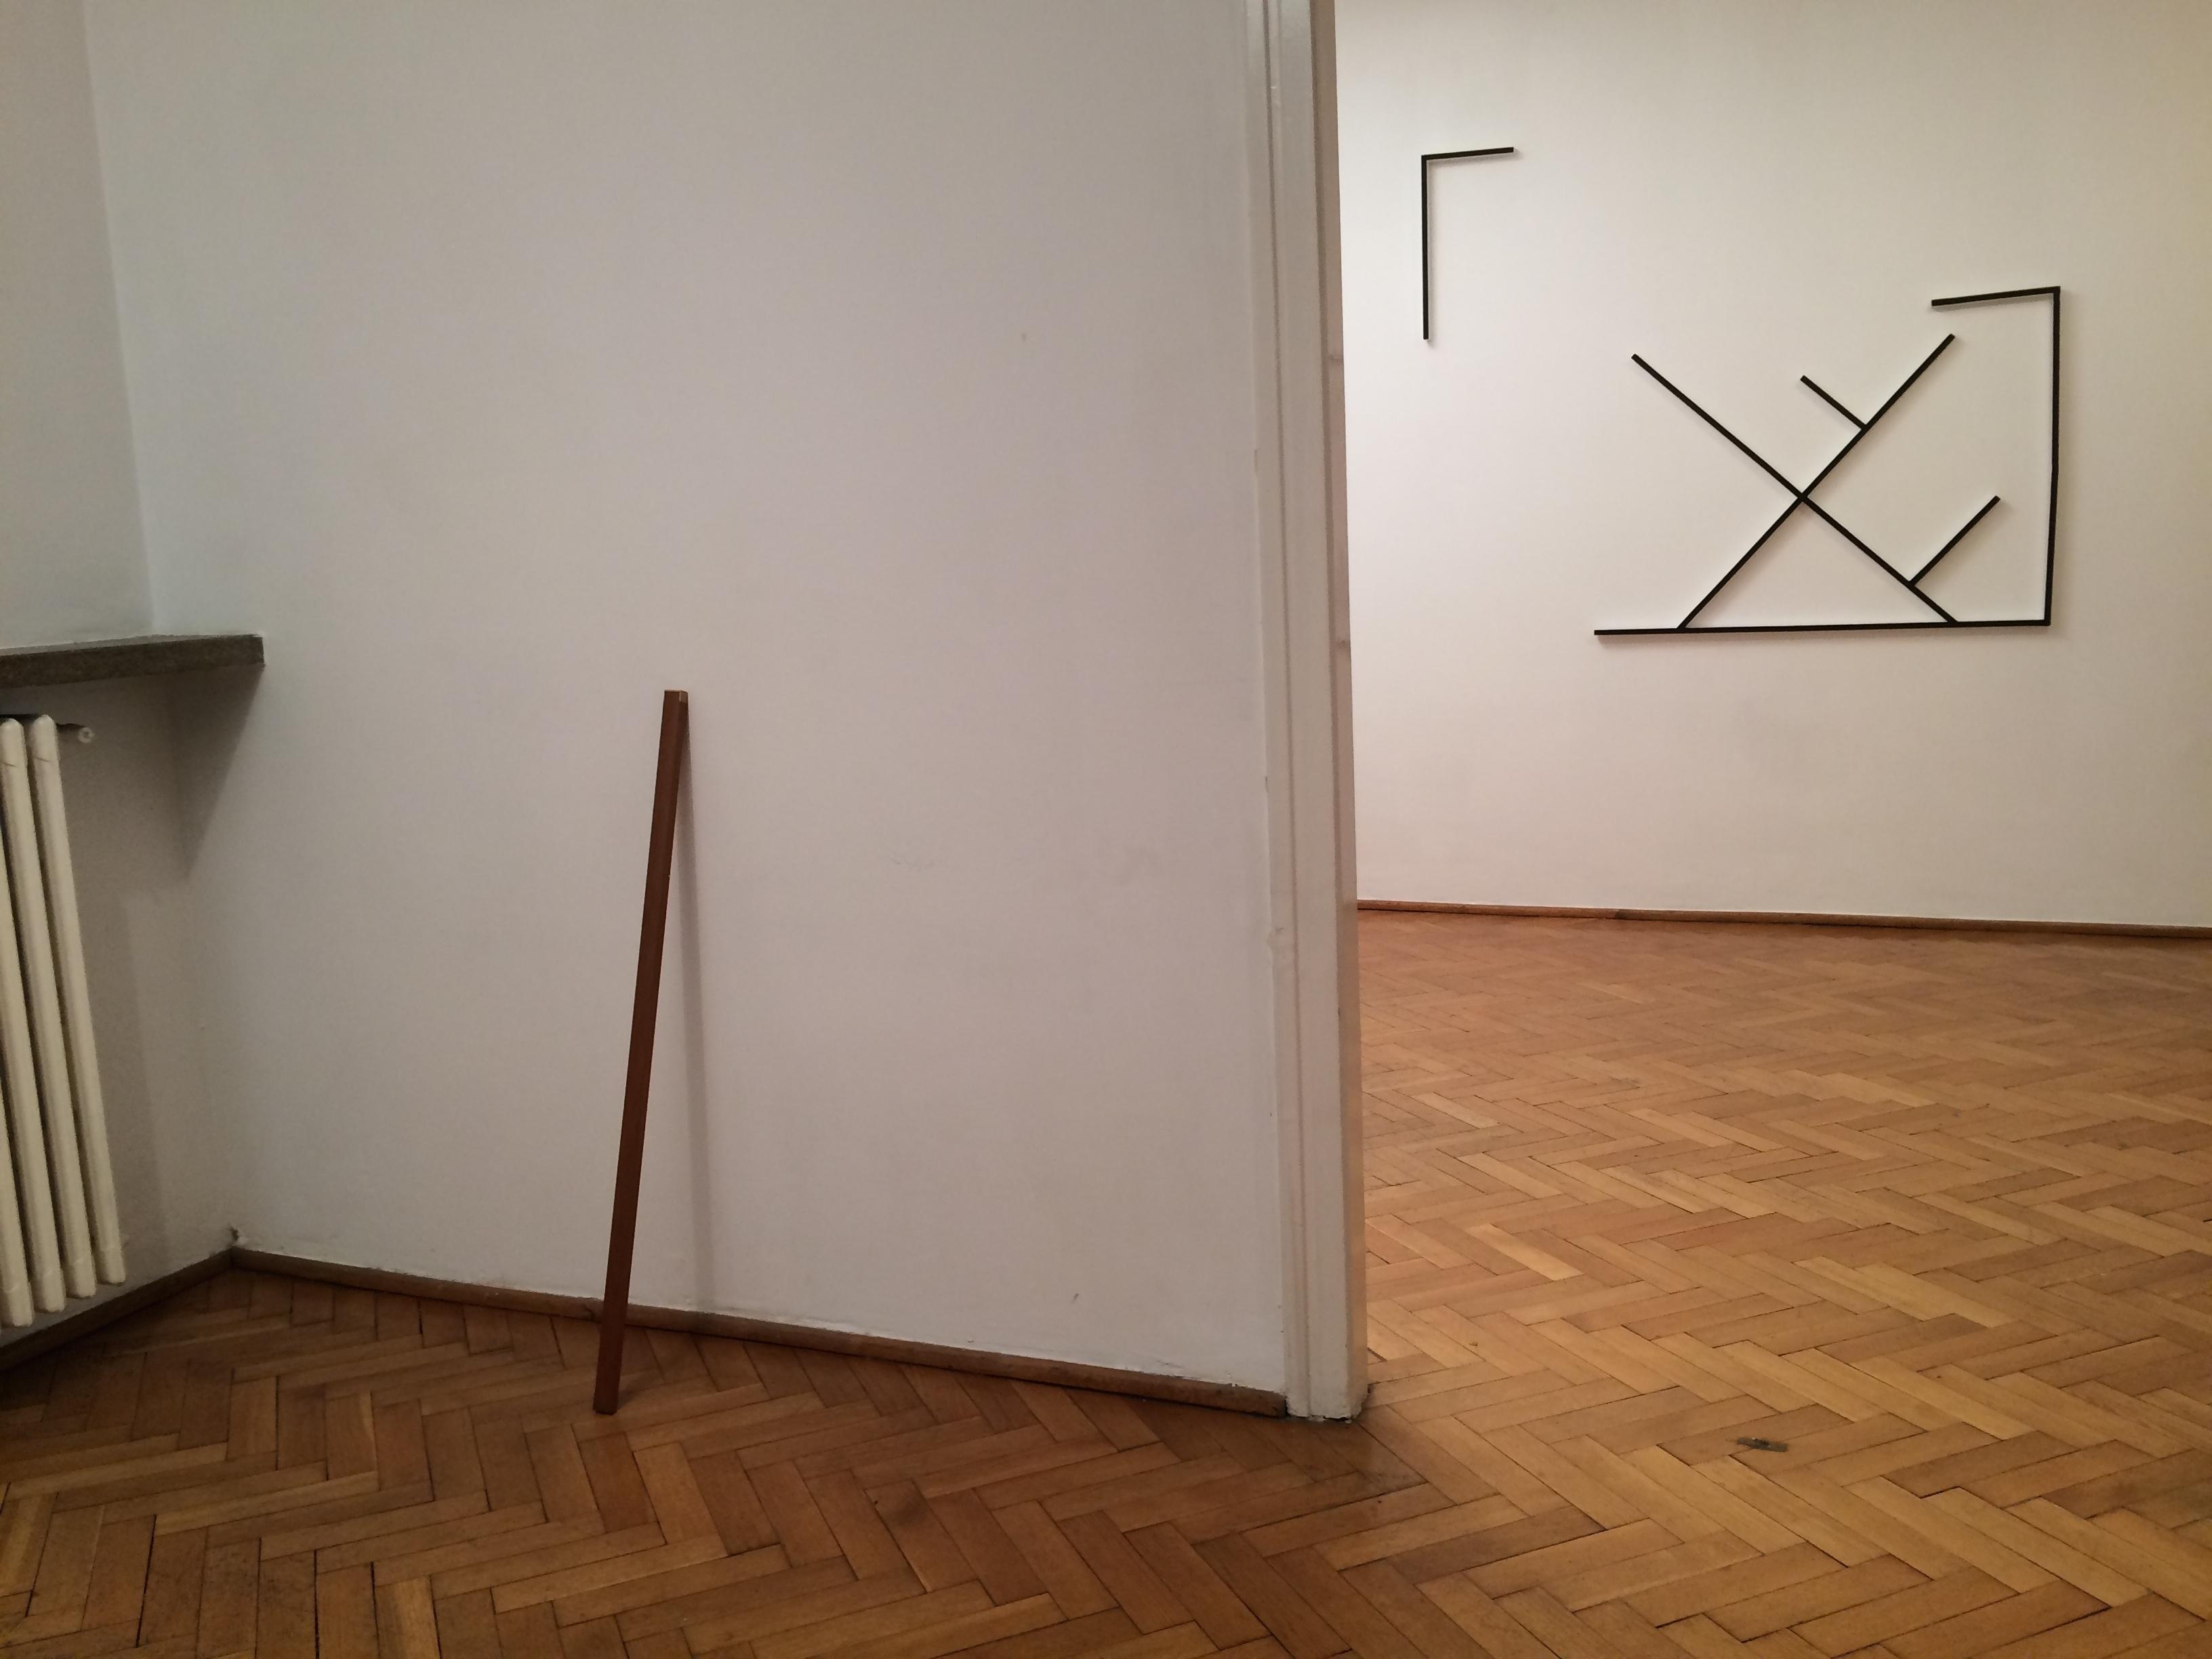 Tomek Baran, beztytułu, 2010; Stefan Burger, Autoportret jako fałszywy  metr, 2006